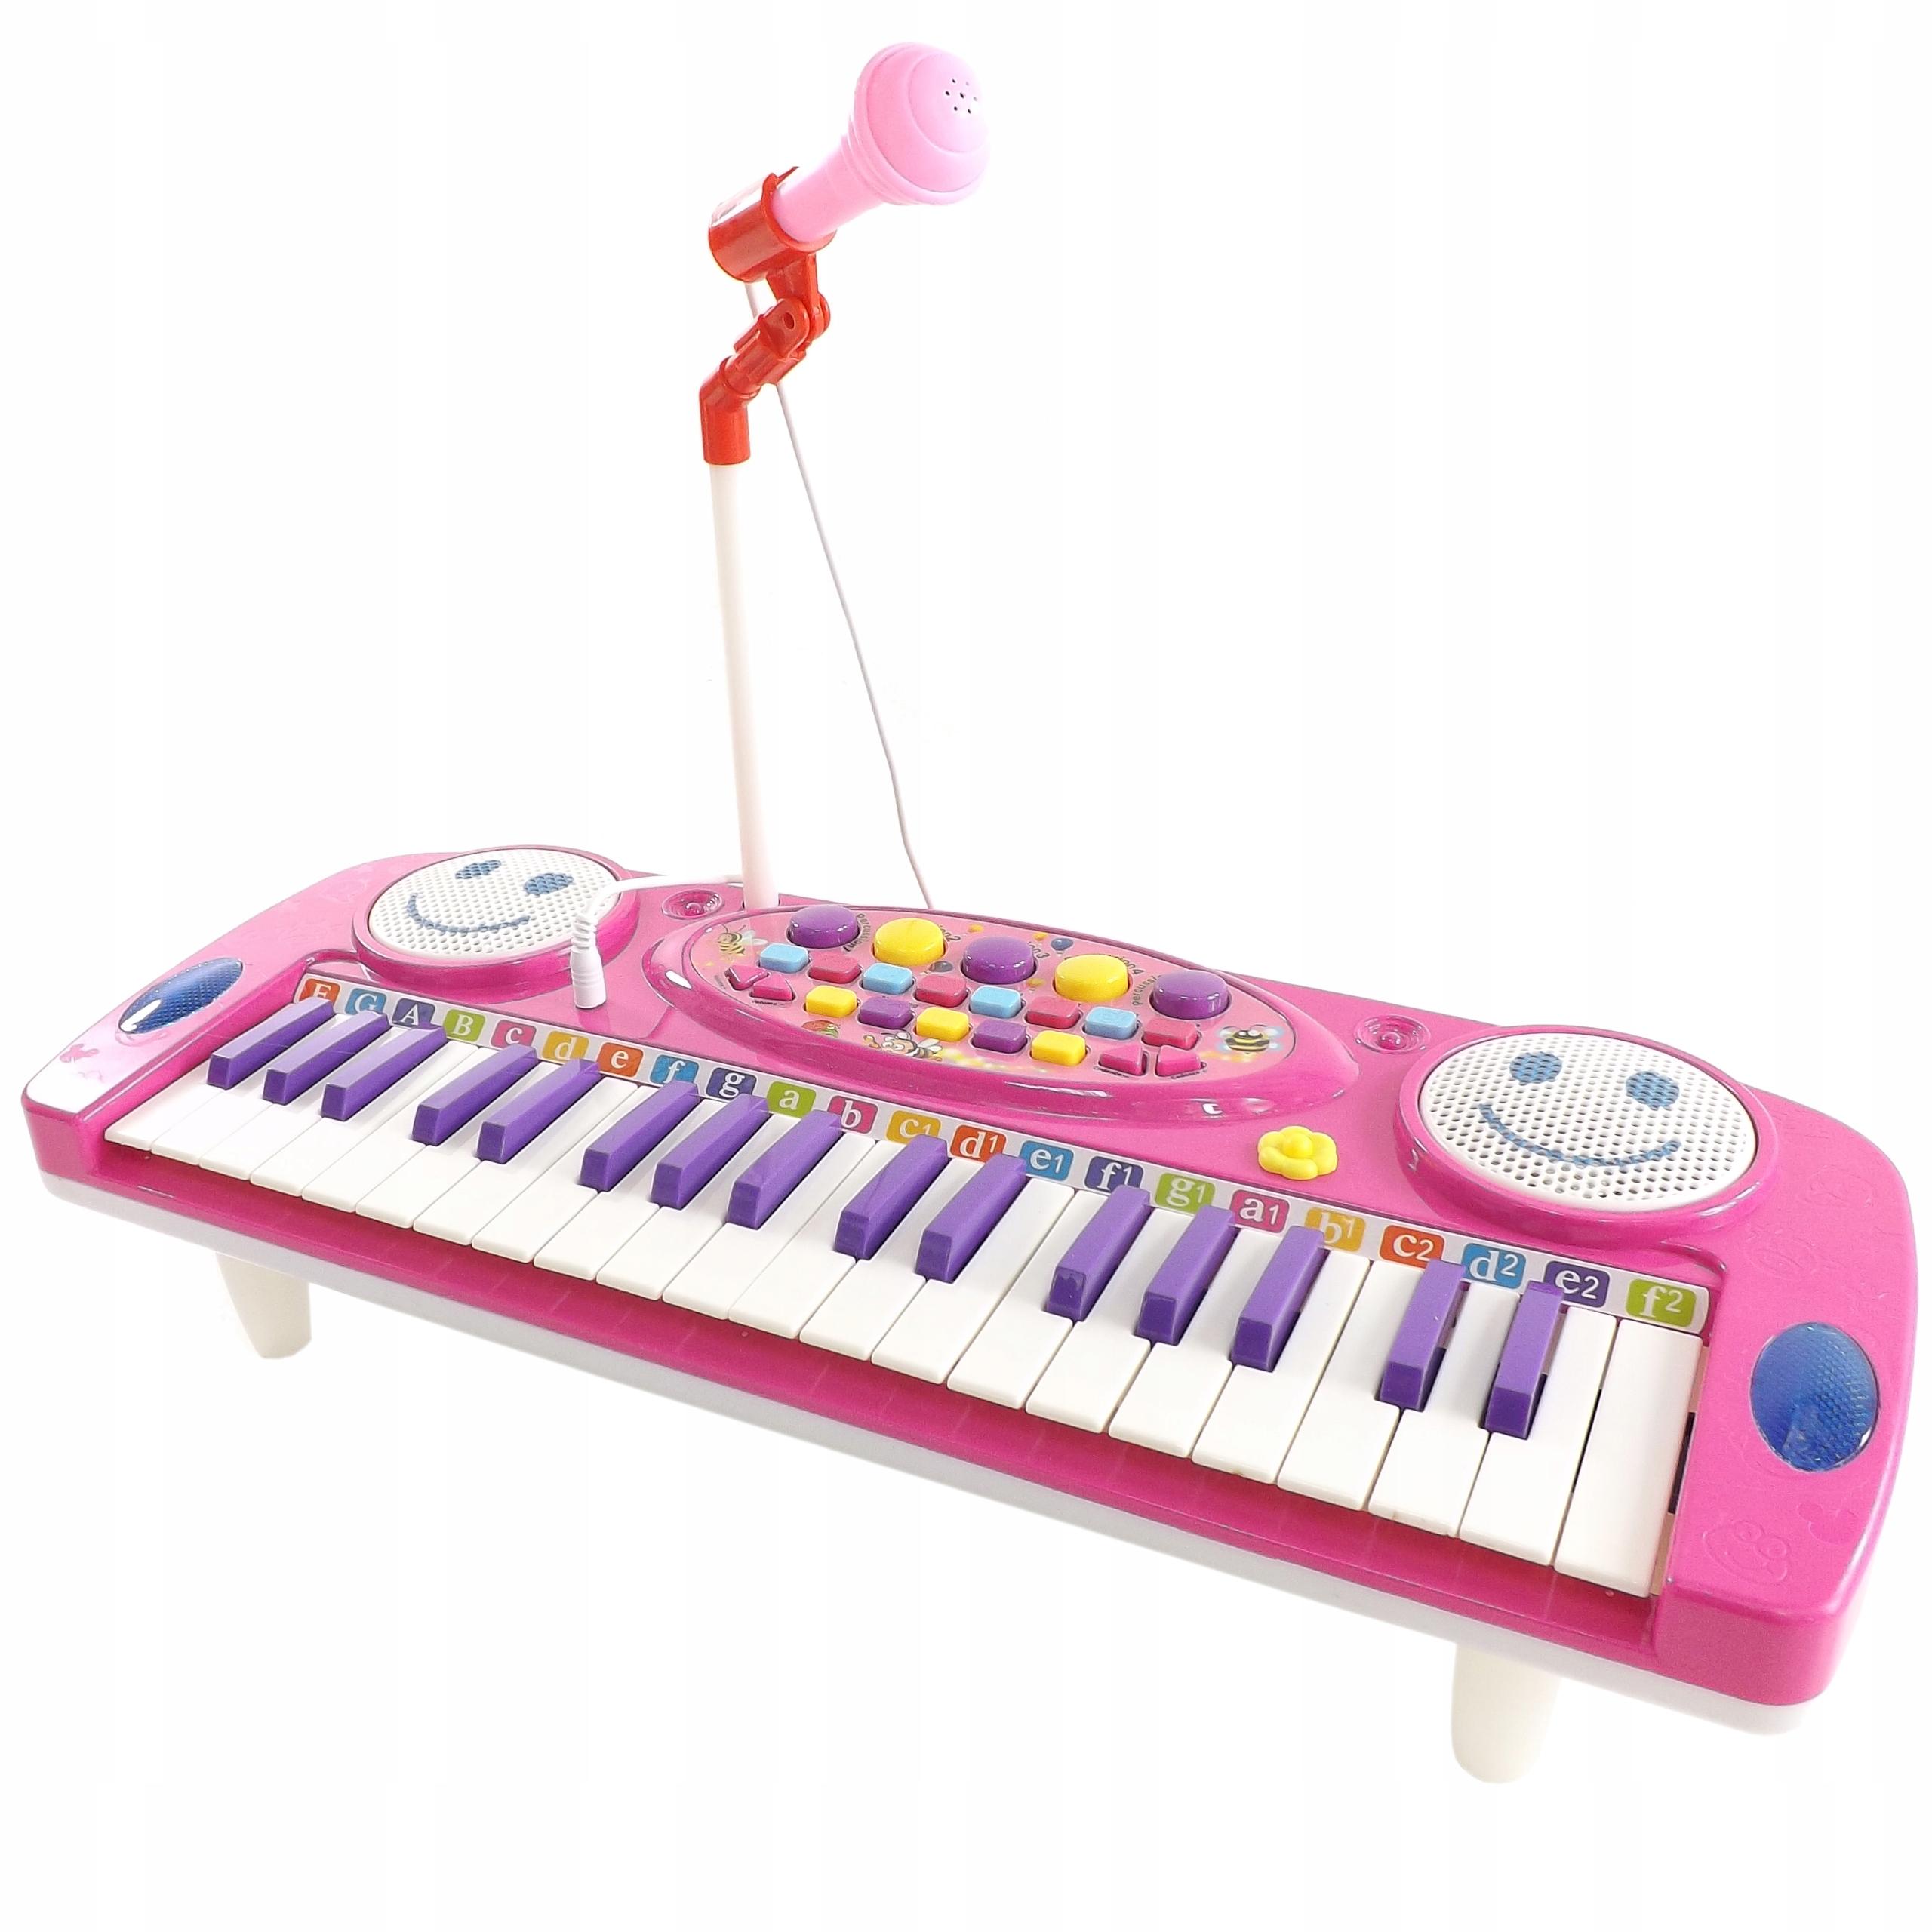 ORGANY Z MIKROFONEM 37 KLAWISZY NAGRYWANIE 3702 R Rodzaj pianinko